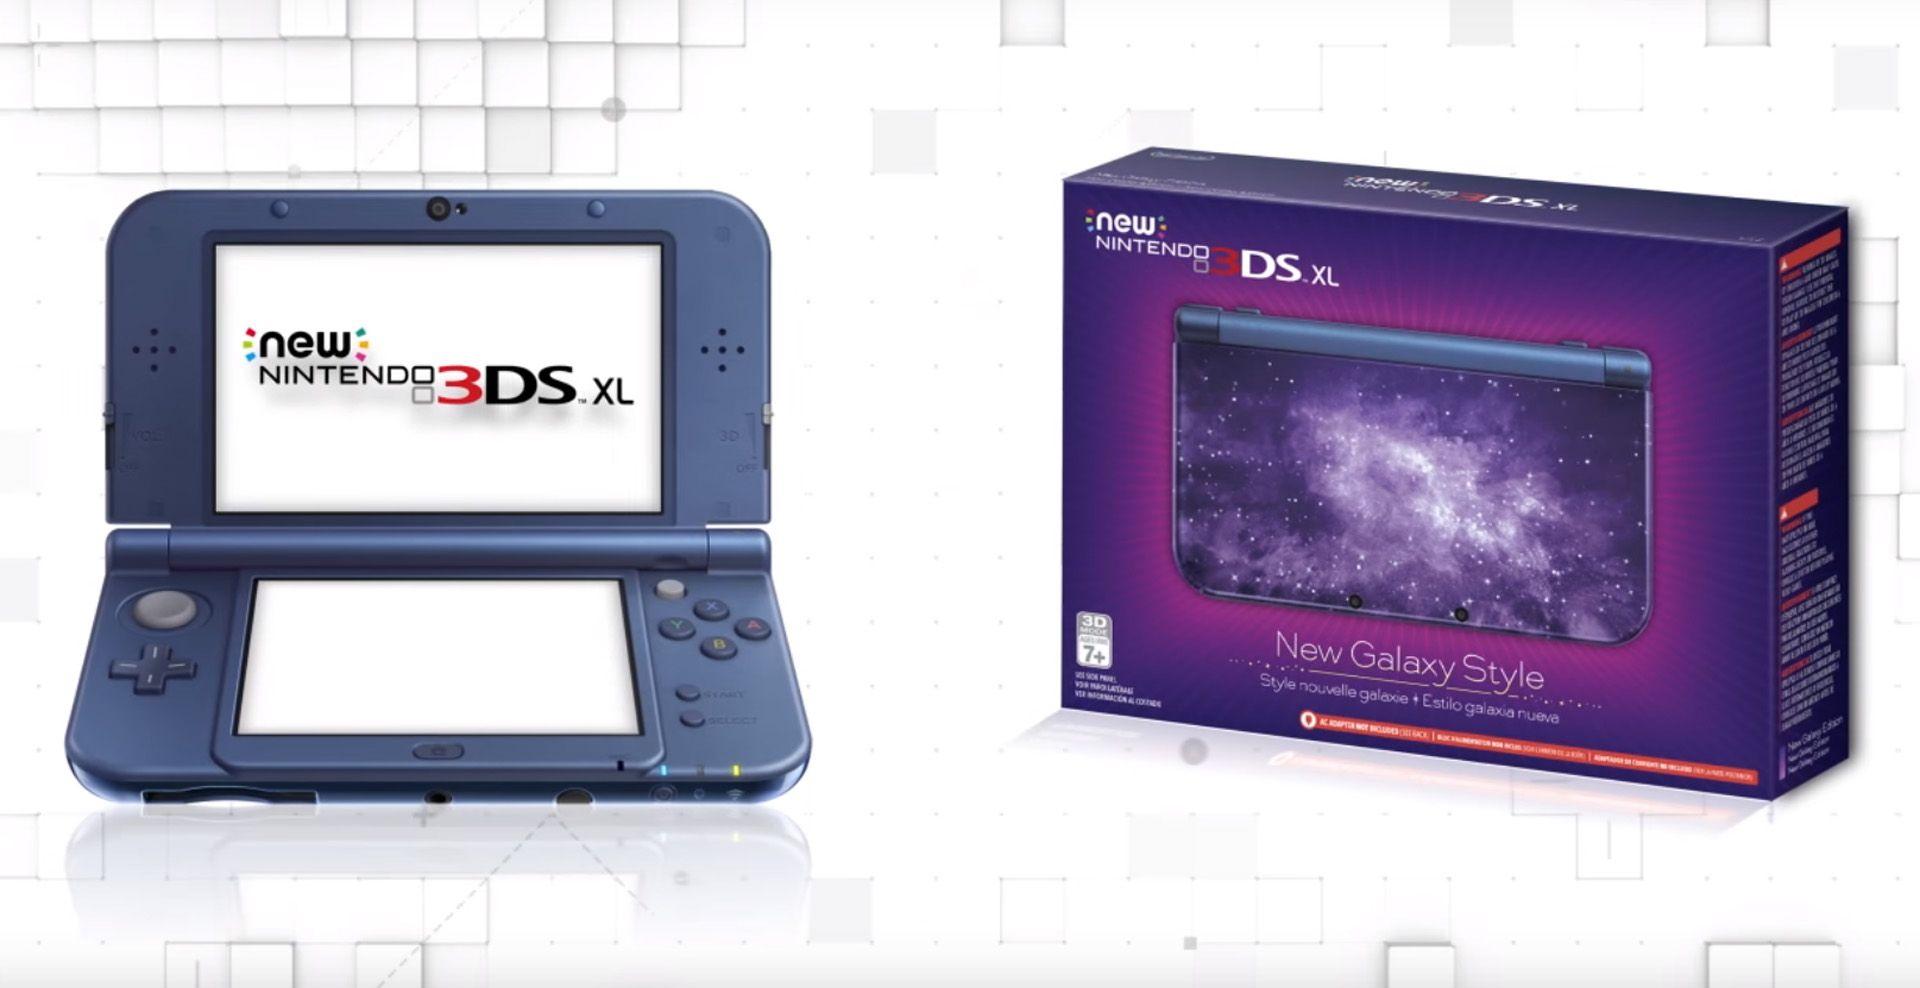 New Nintendo 3Ds XL Edição Galaxy + Carregador Original Nintendo